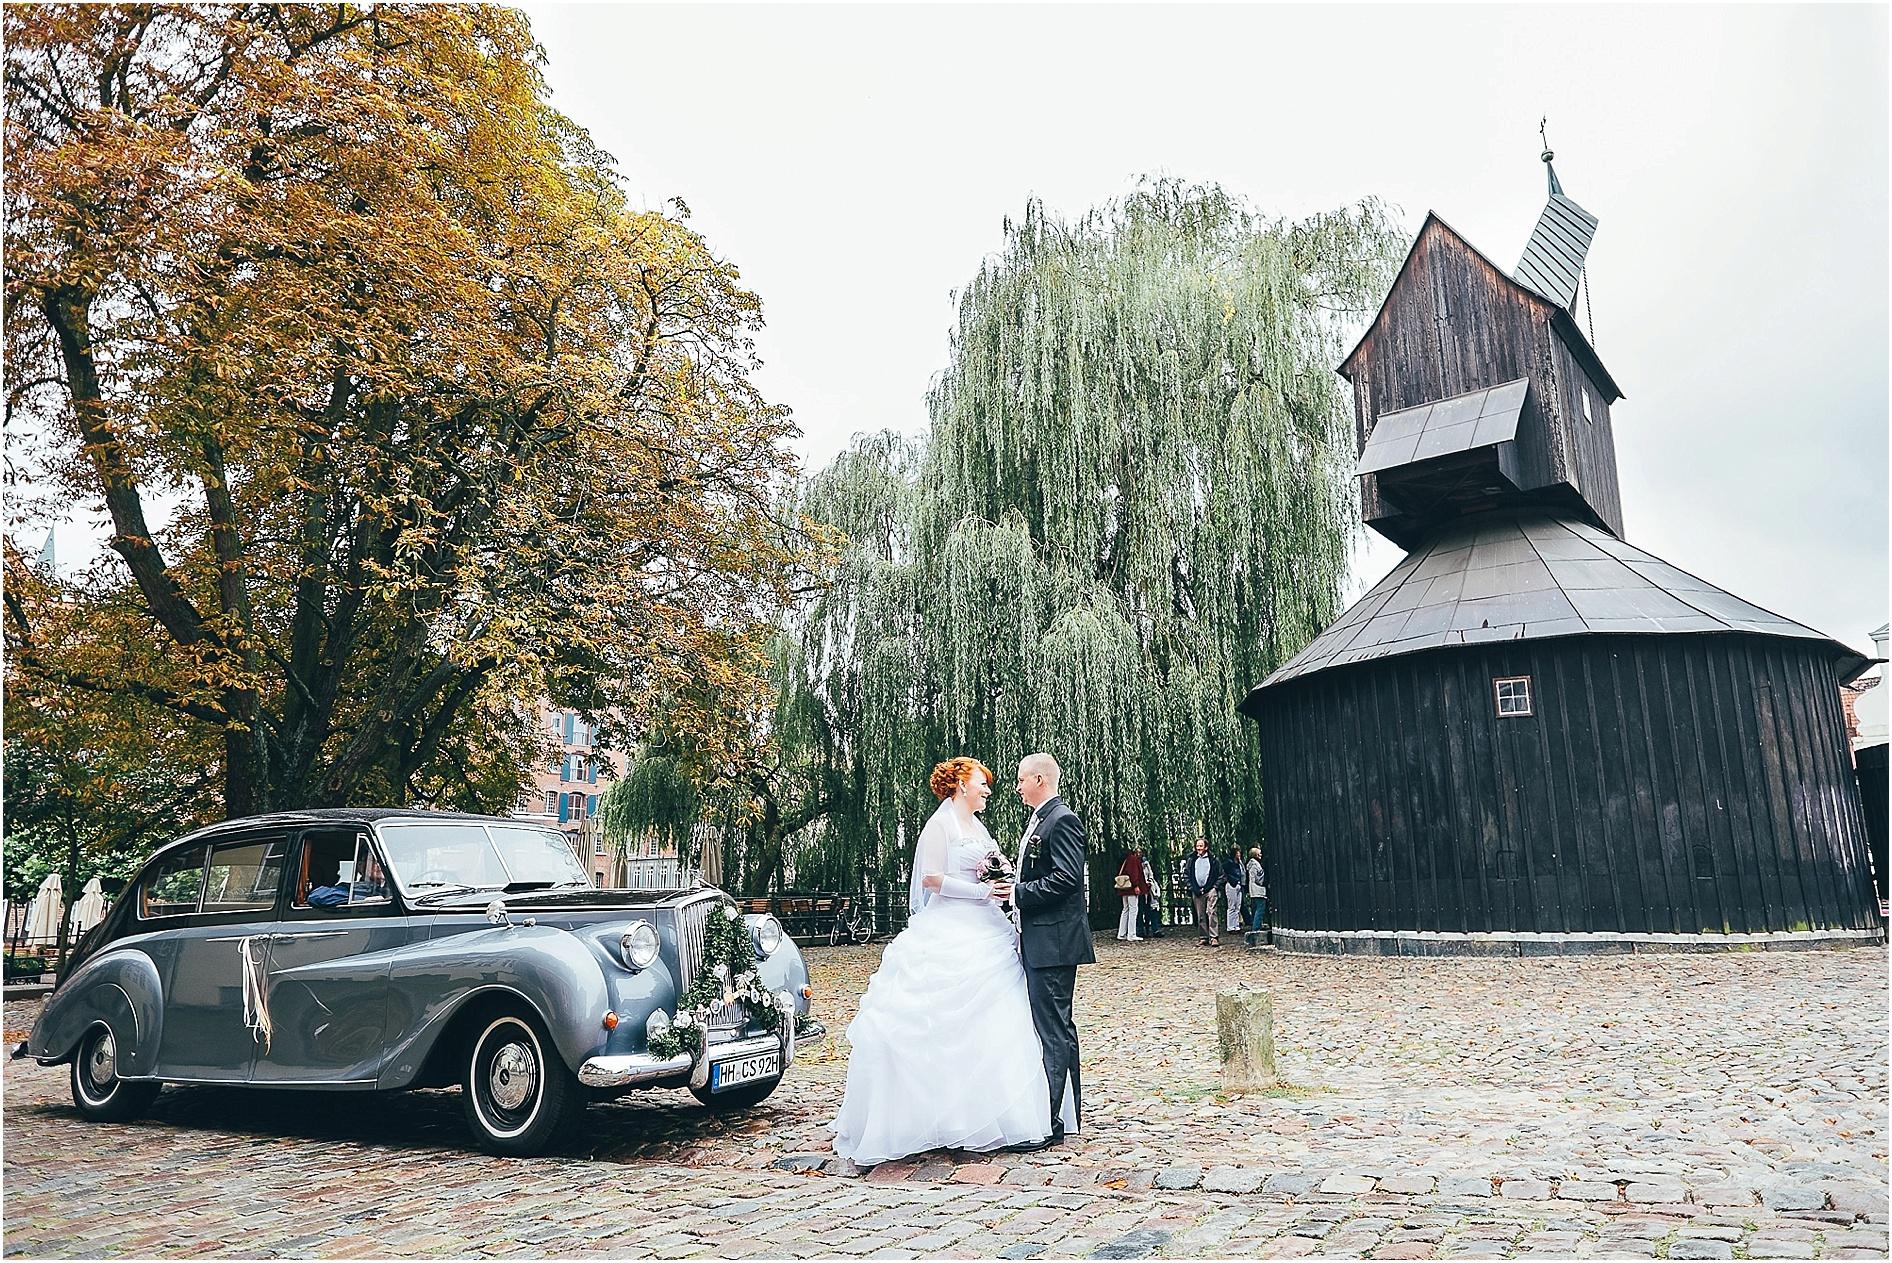 2014-11-20_0052 Lora & Daniel - Als Hochzeitsfotograf in Lüneburg